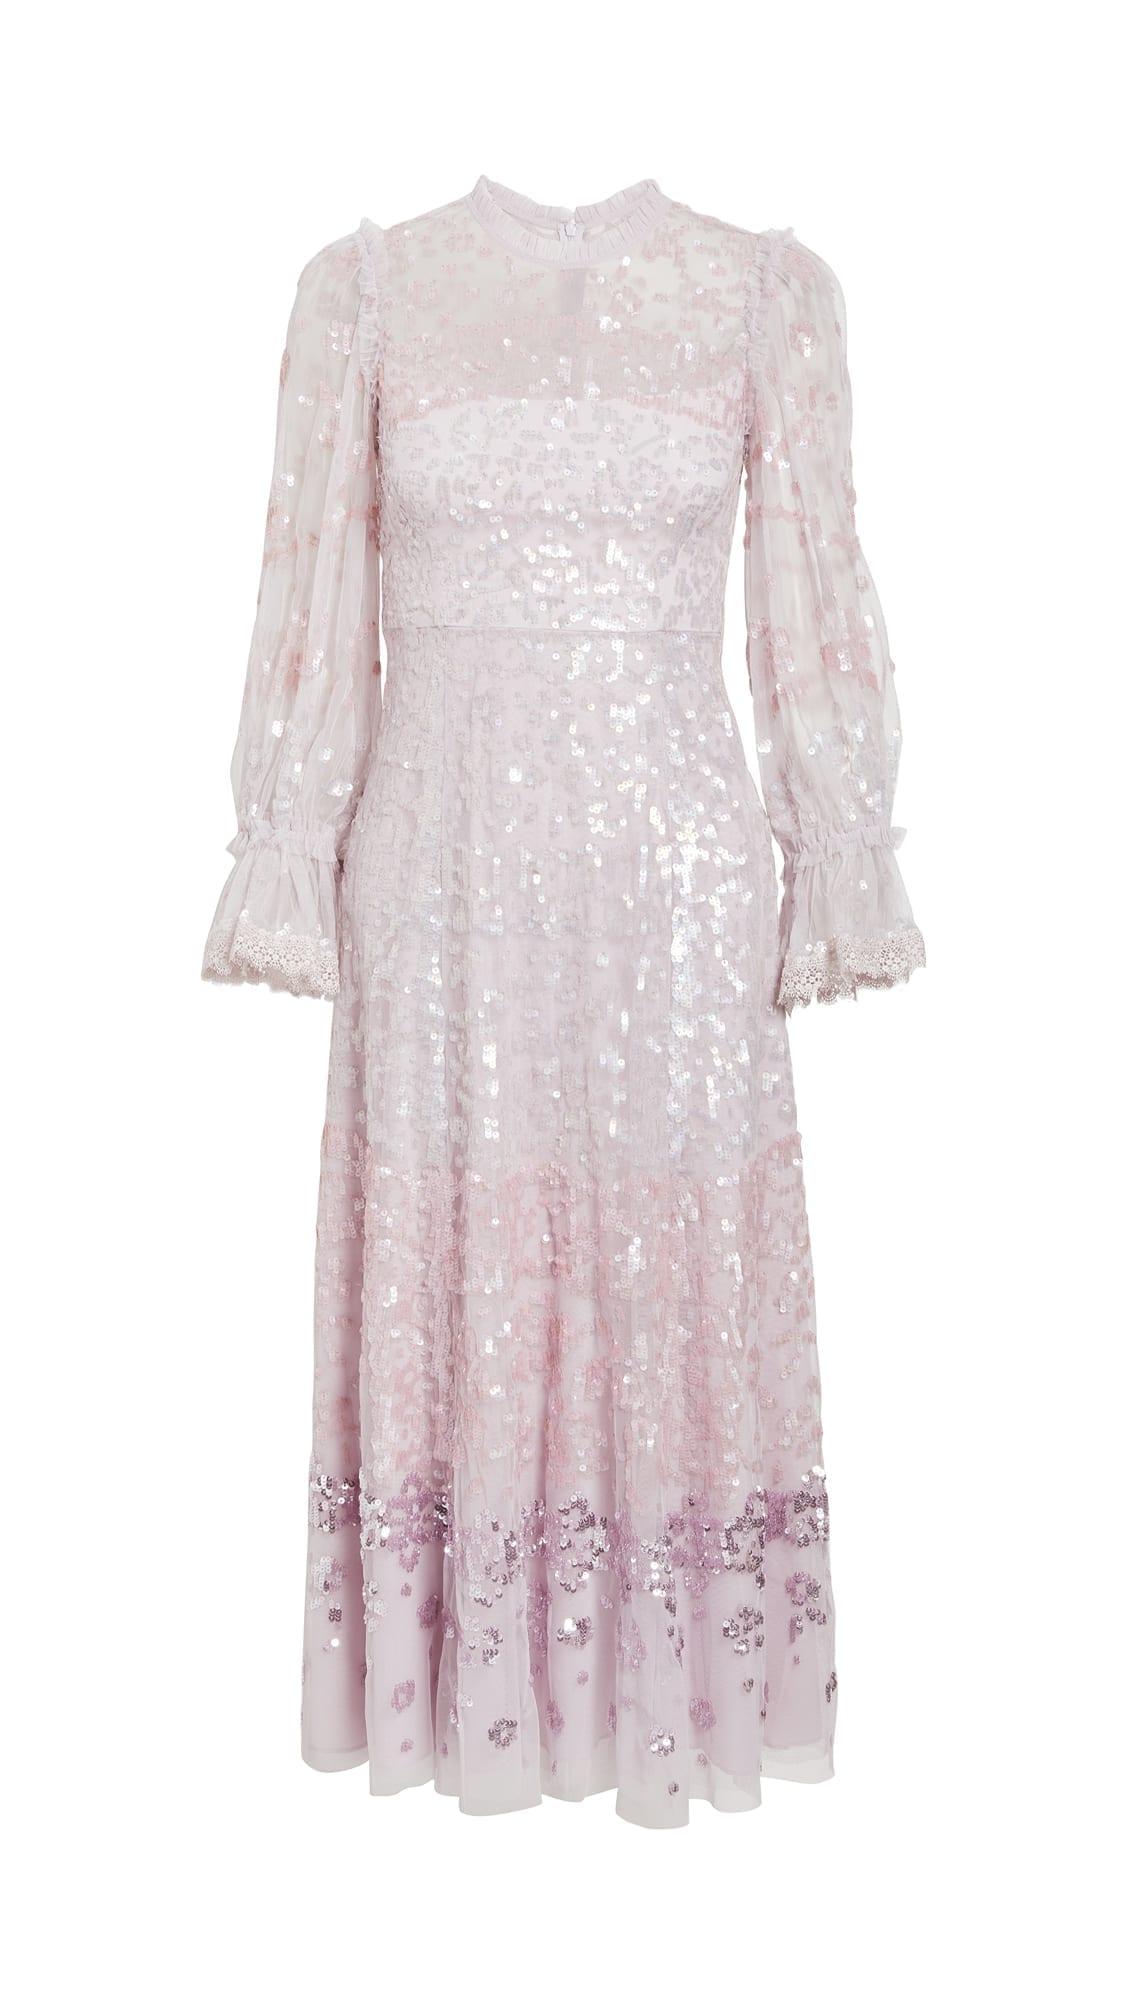 NEEDLE & THREAD Patchwork Sequin Ballerina Dress